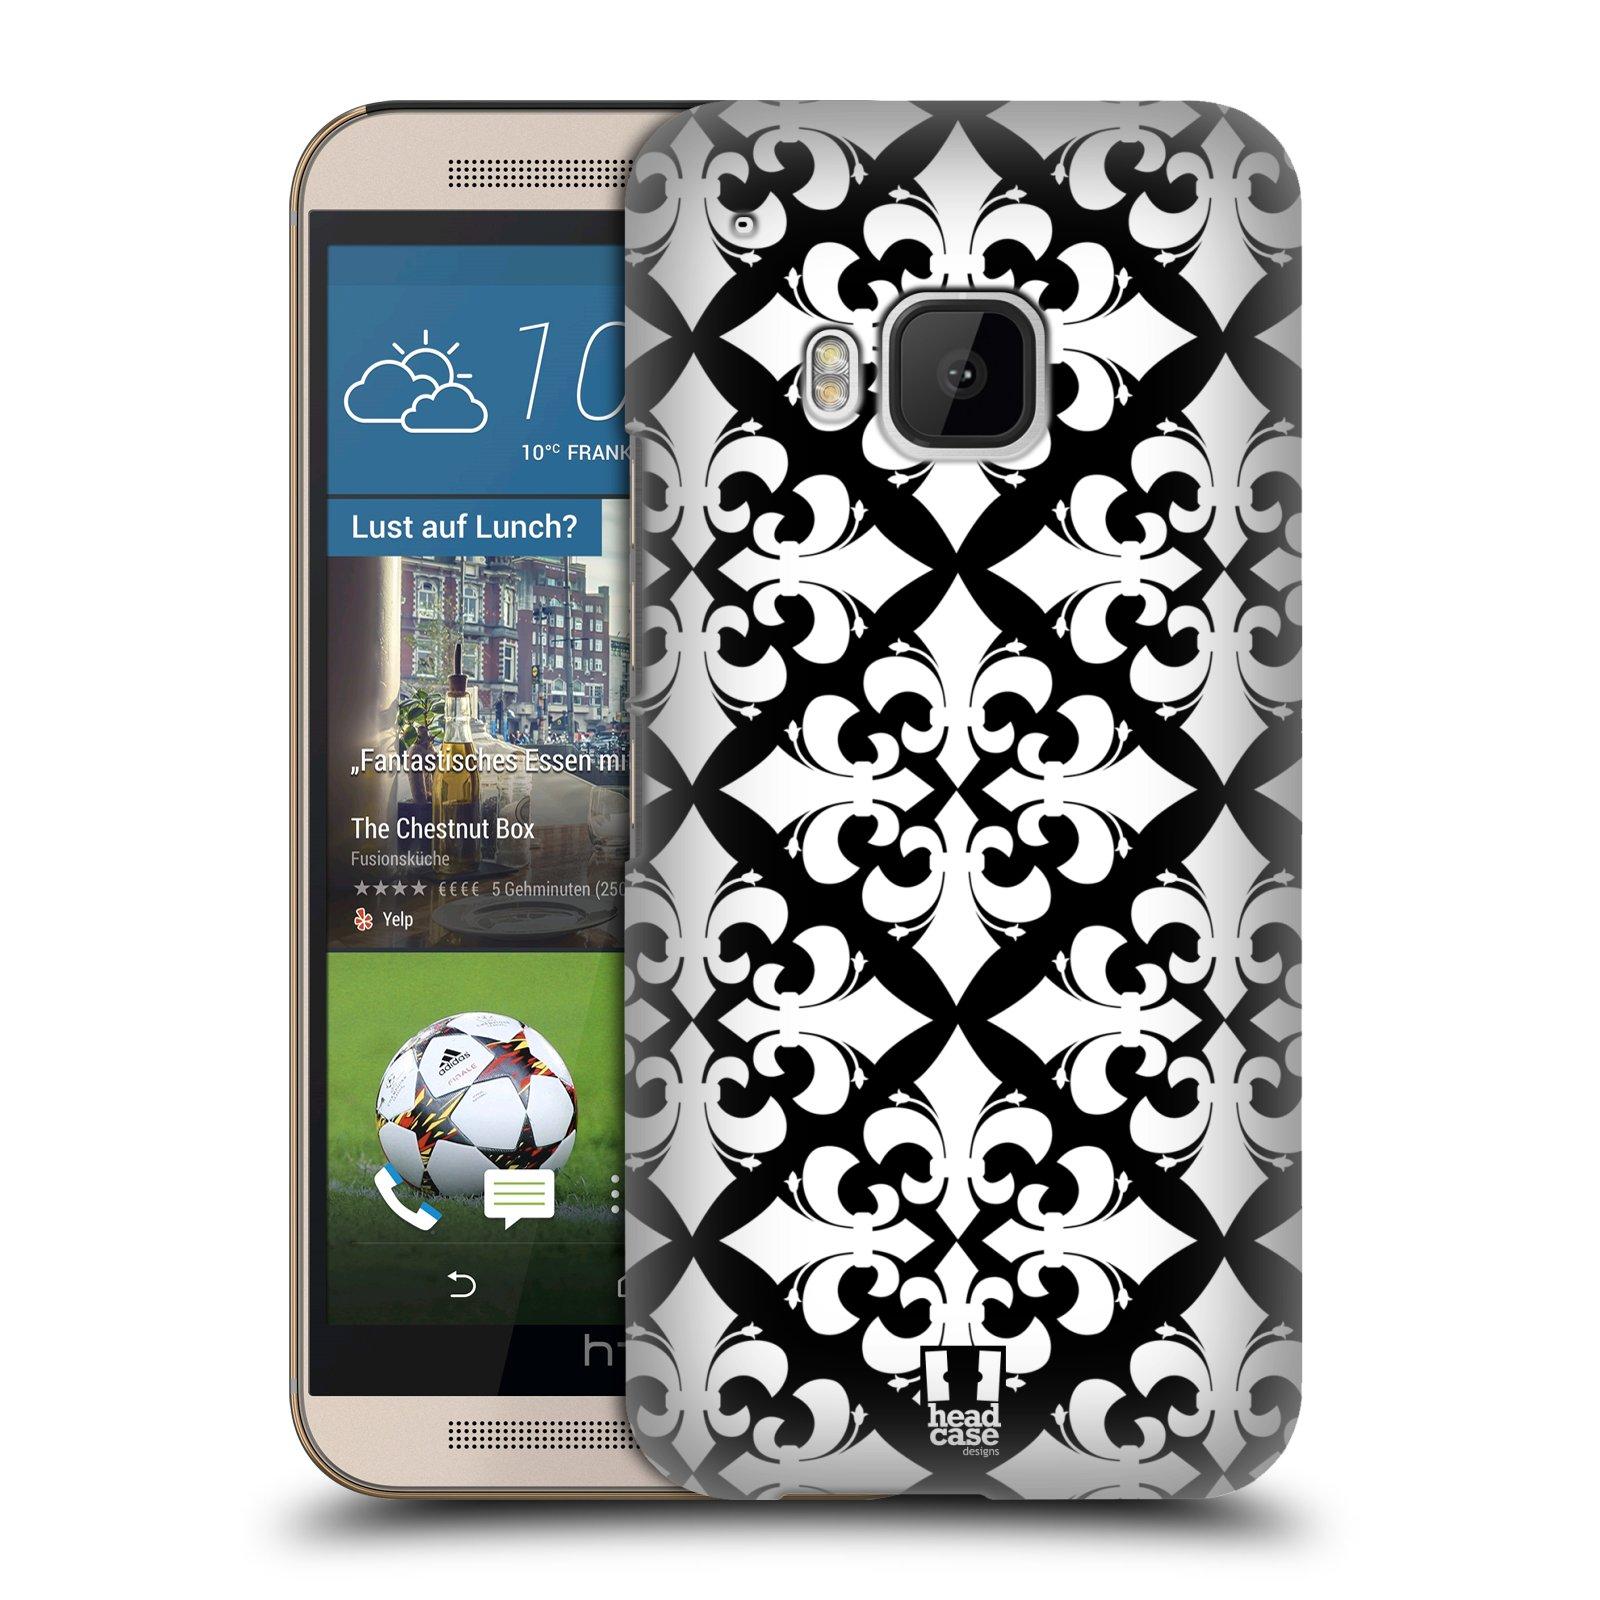 HEAD CASE FLEUR DE LIS COLLECTION BACK CASE FOR HTC ONE M9